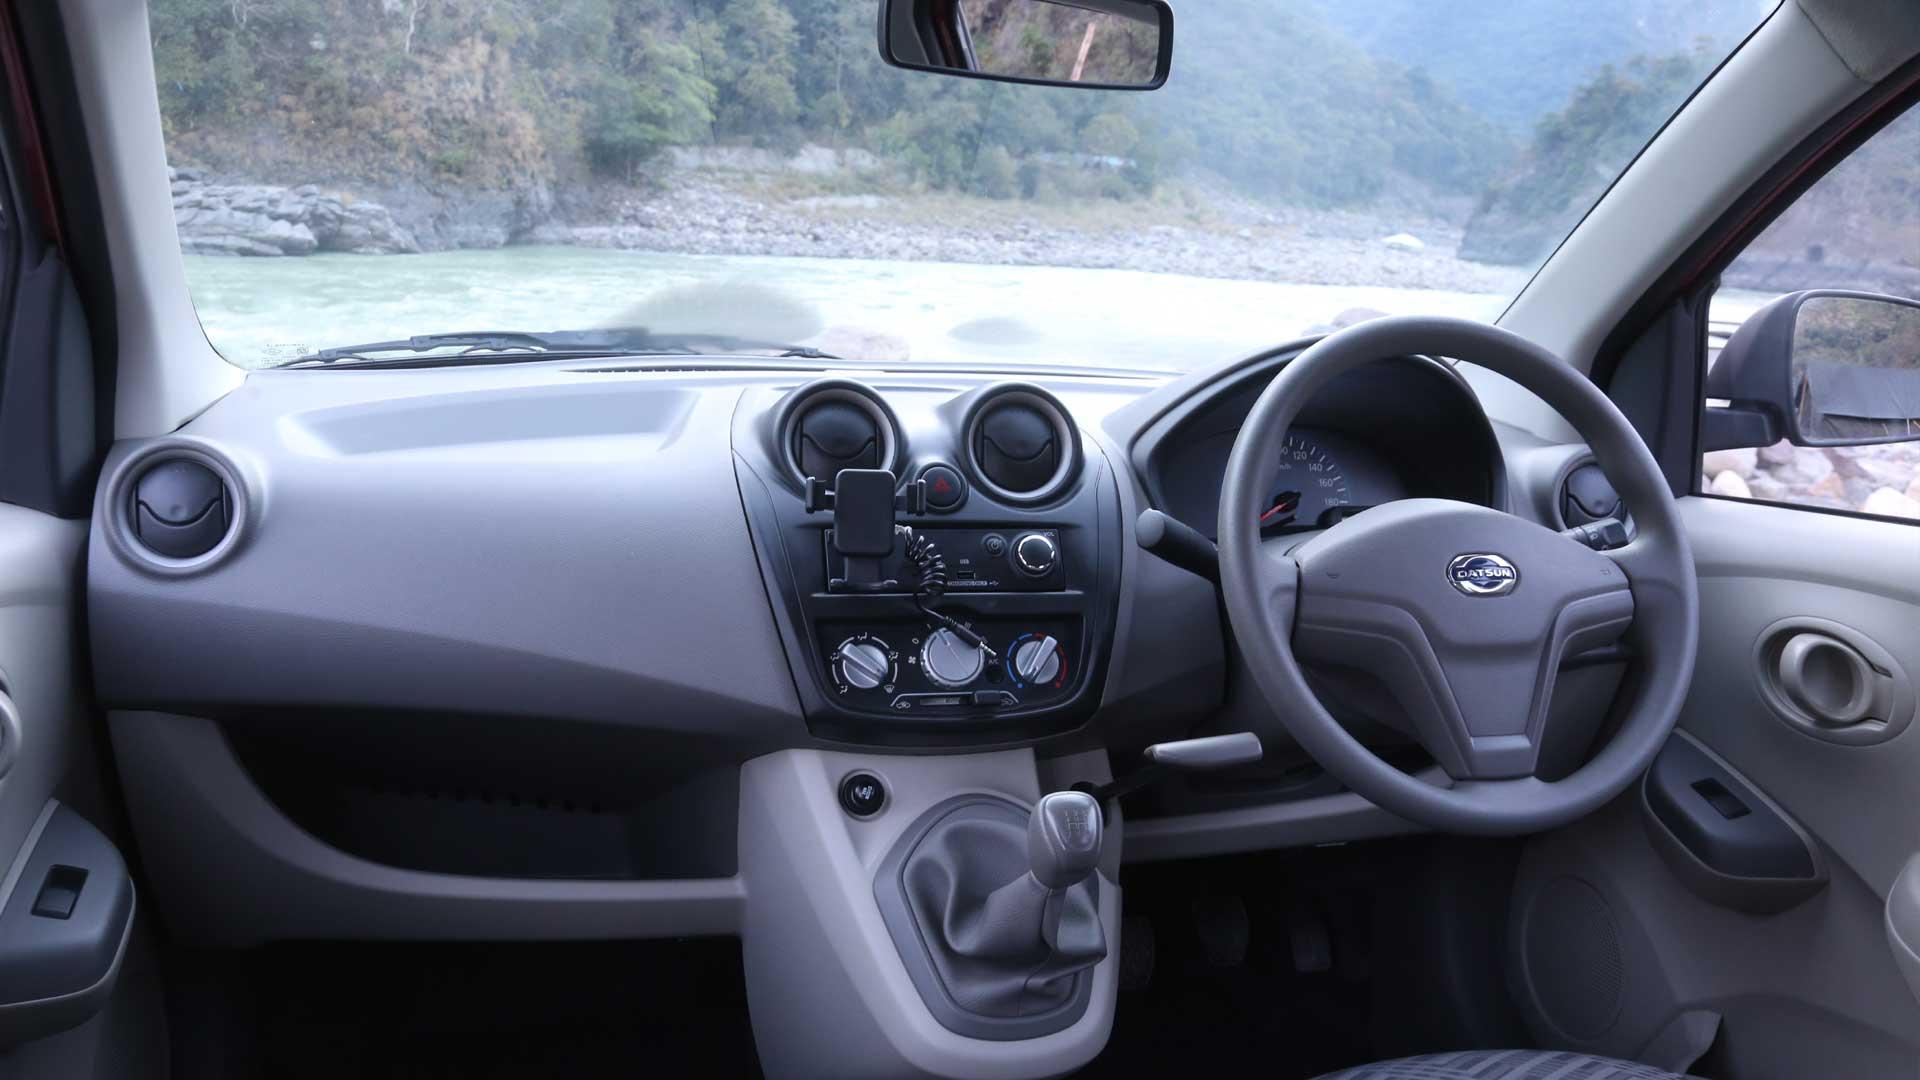 Datsun-go+2015 Exterior